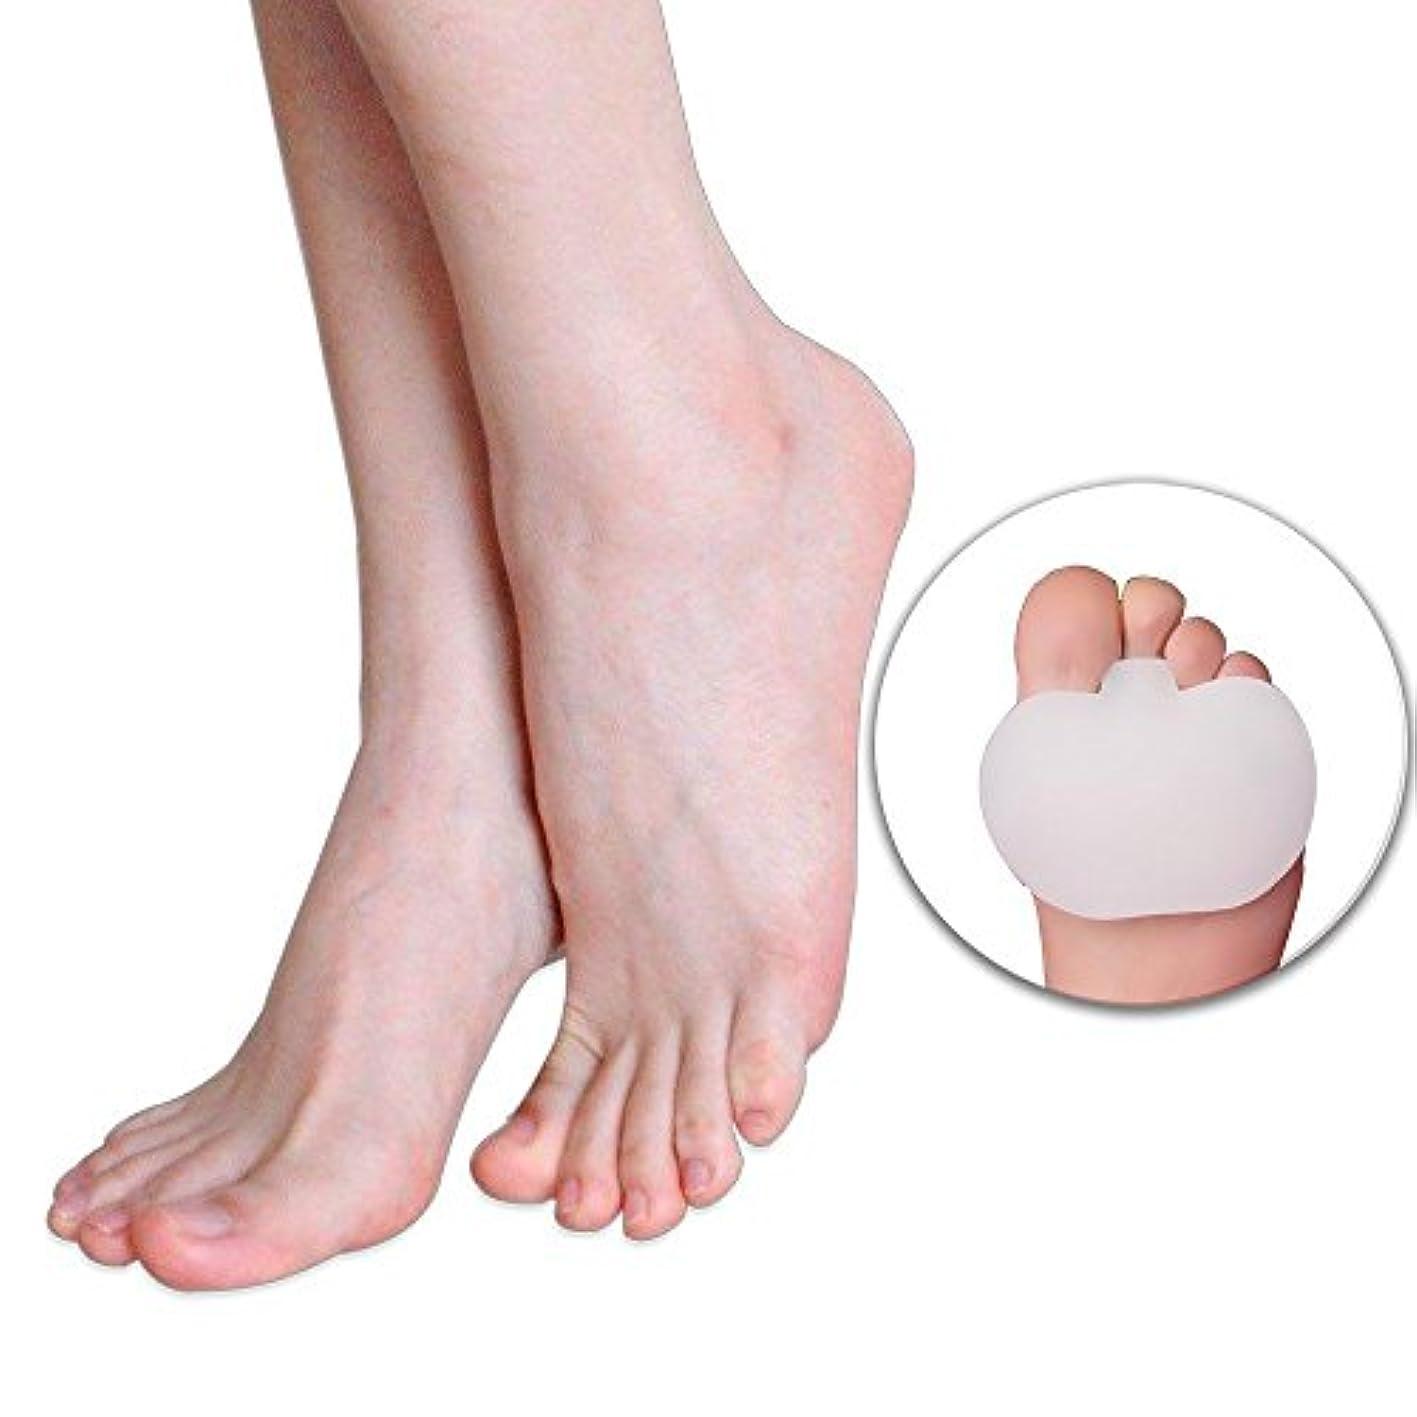 危機急襲アクティビティフットマッサージ 前足パット足のケア、ゲルソックス、つま先、シリコン、外反母趾矯正、ゲル中足骨パッド、足クッションのボール、前足のケア、痛みの足の痛み、外反、外反母趾